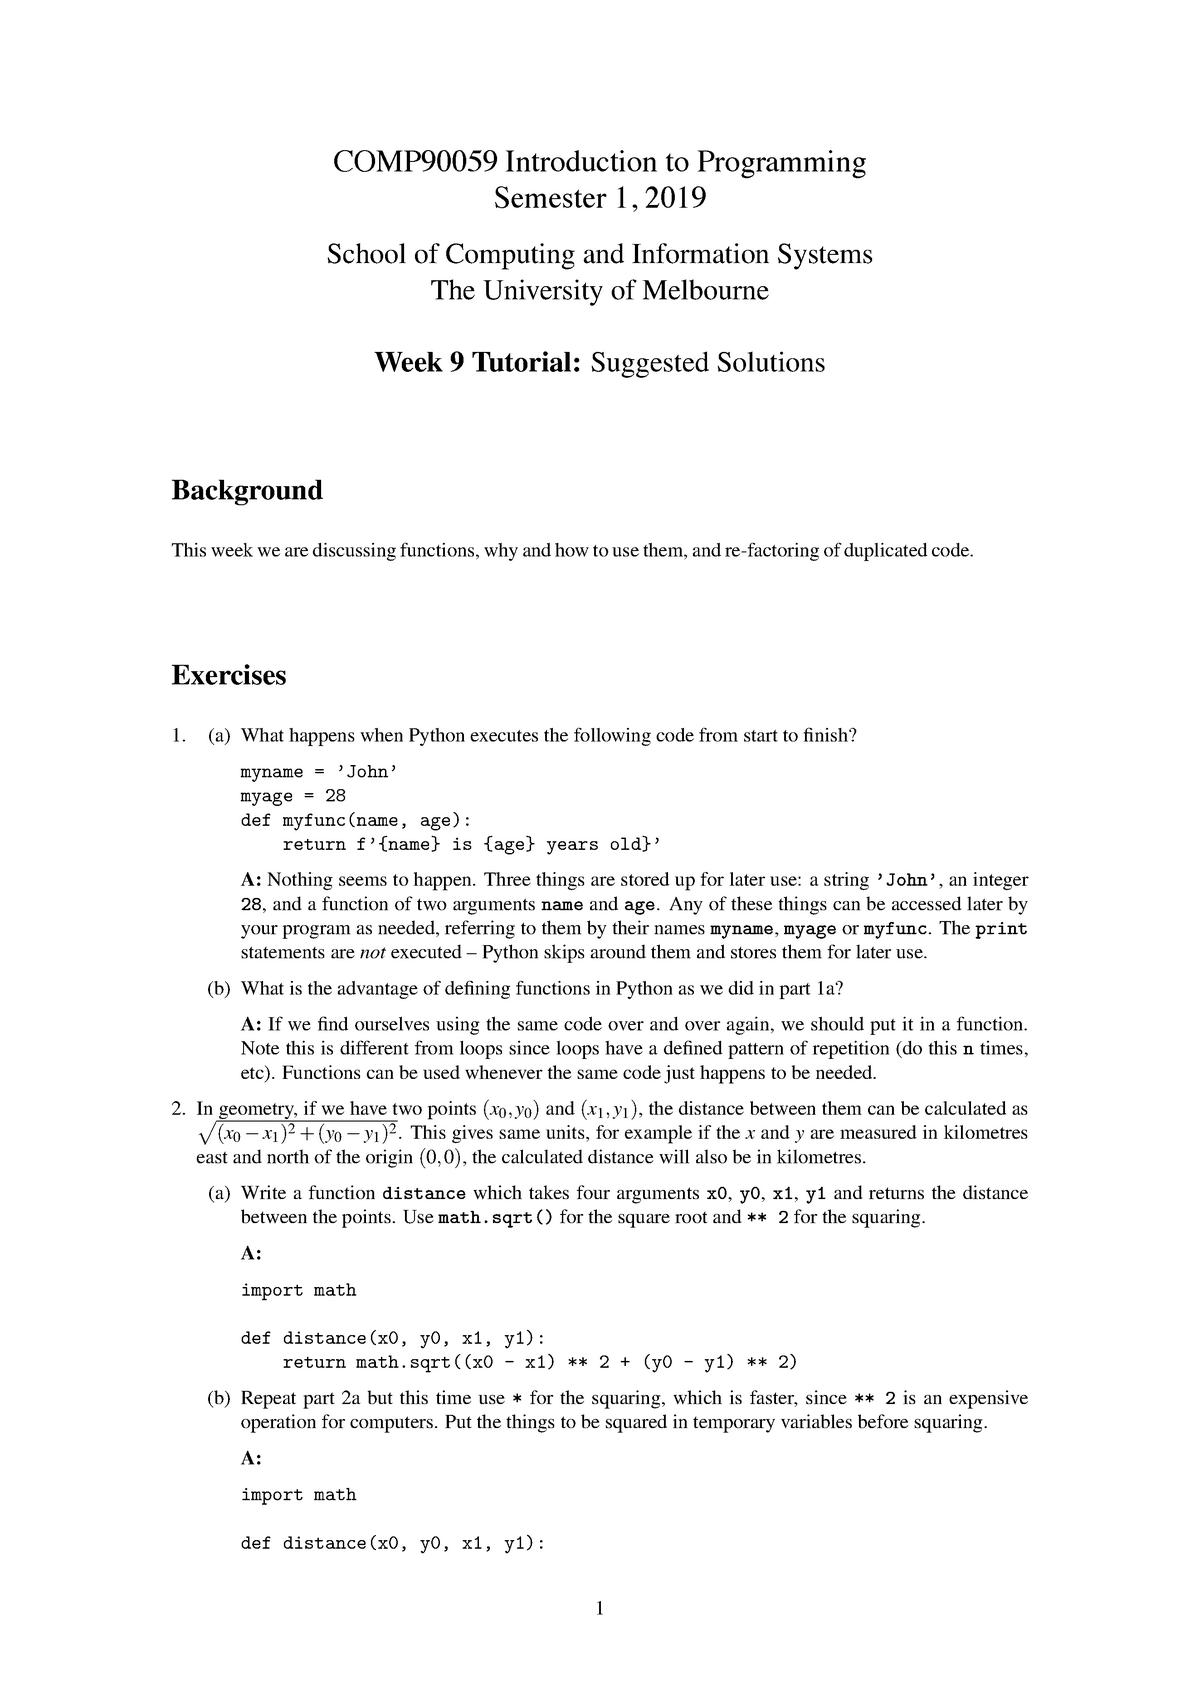 Week09 soln - Answers to Week 9 Tutorial  - COMP90059 - StuDocu